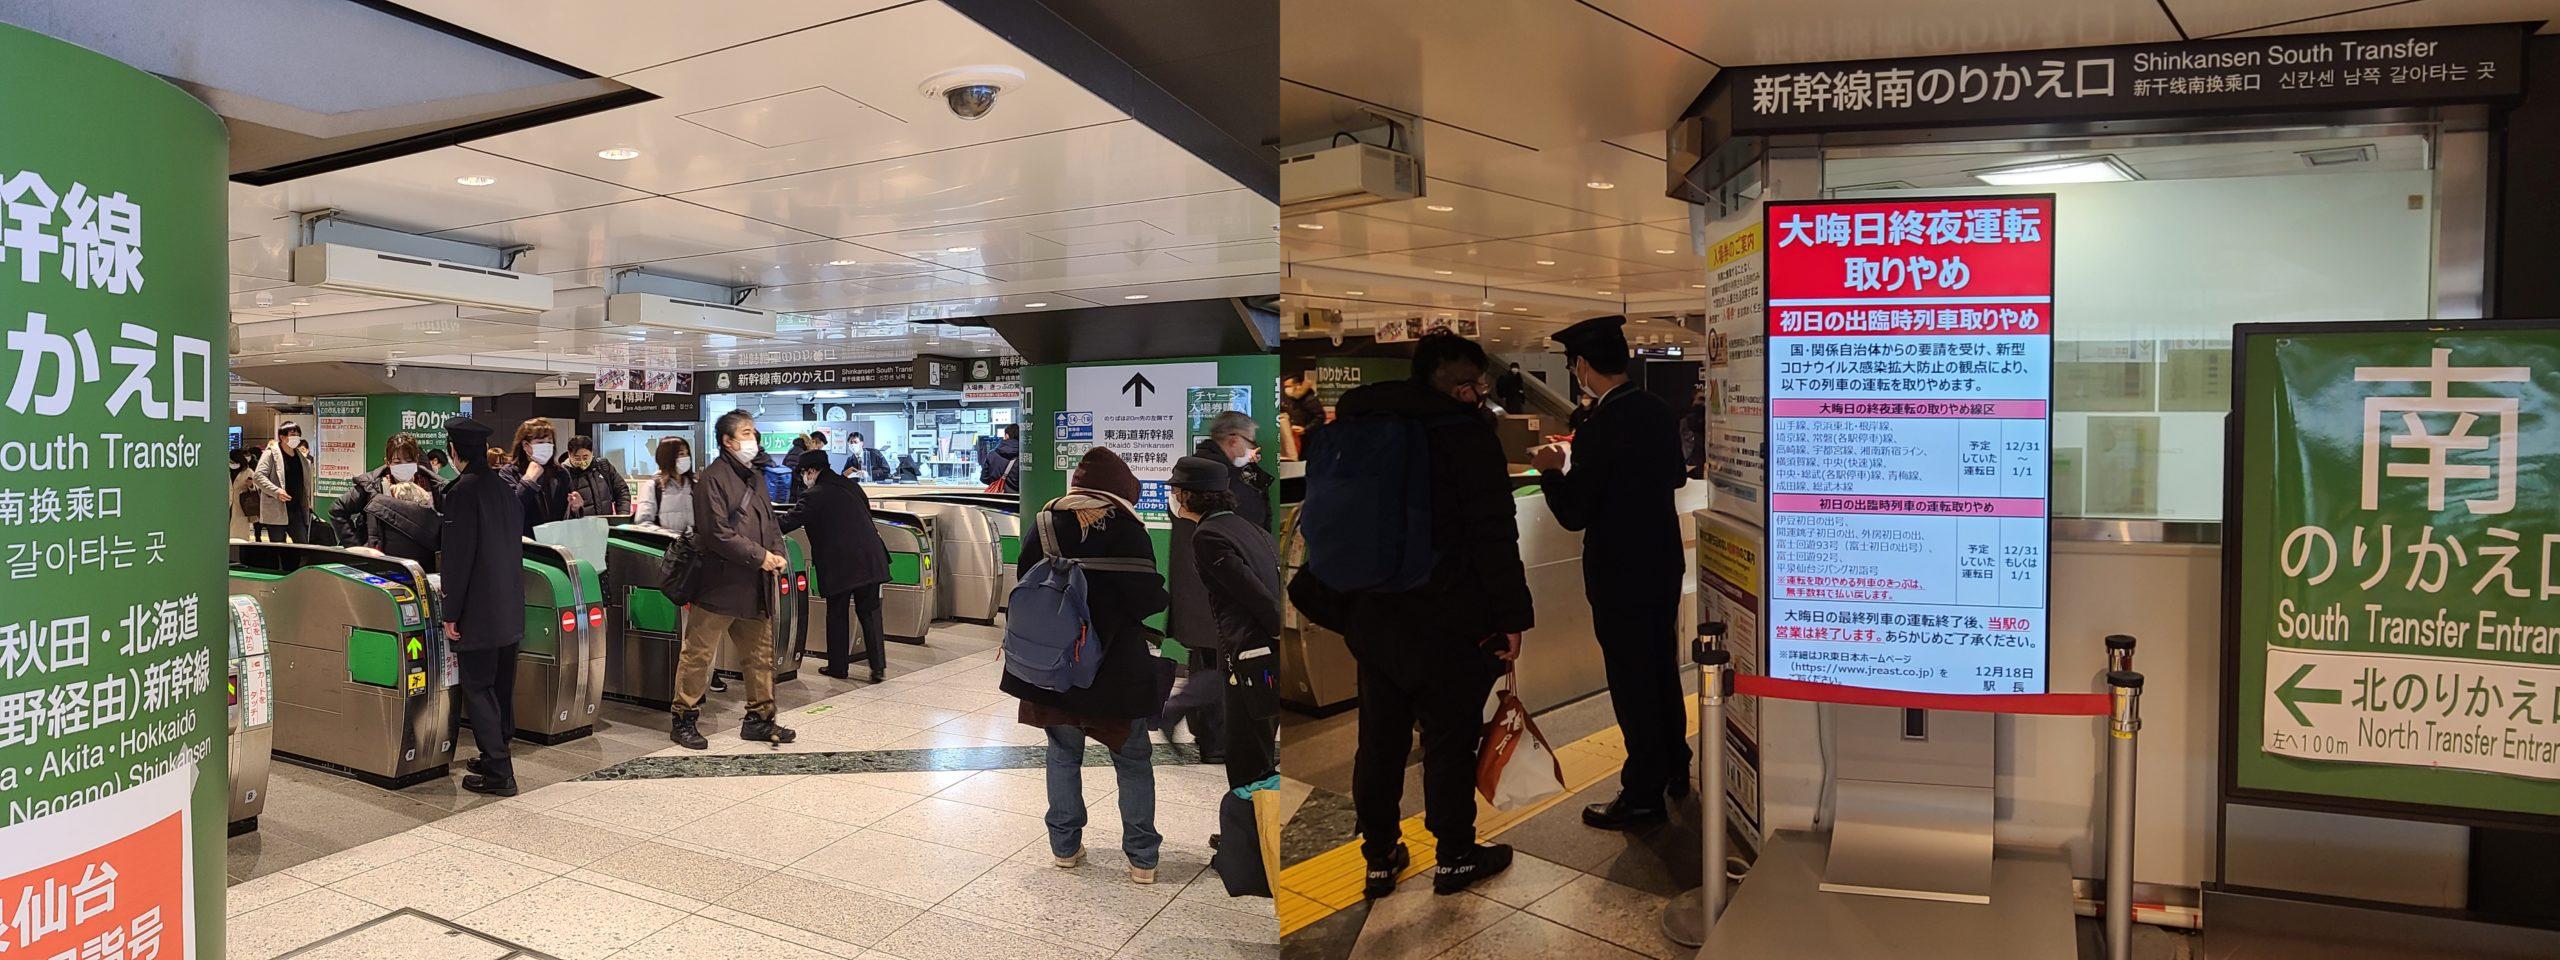 【帰省ラッシュ・終夜なし】年末年始は異常な混雑状況 東京駅では空席表示のみ